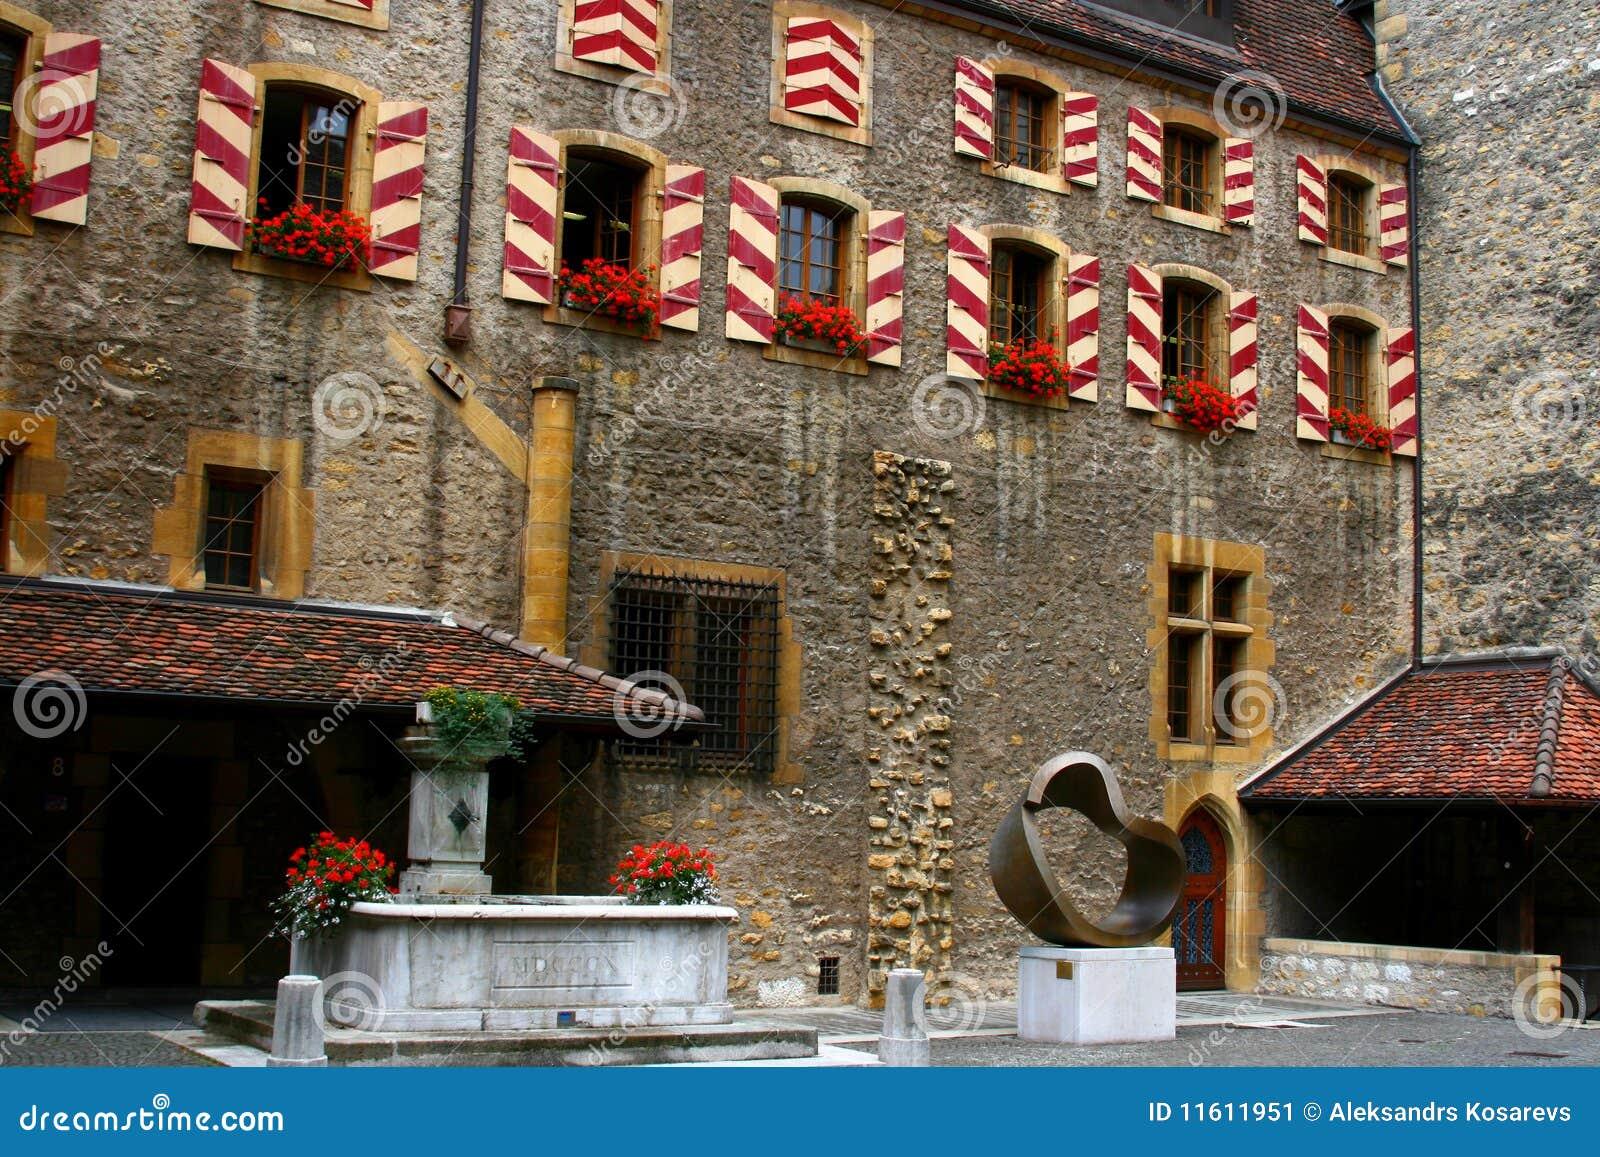 Square on Neuchatel castle, Switzeland